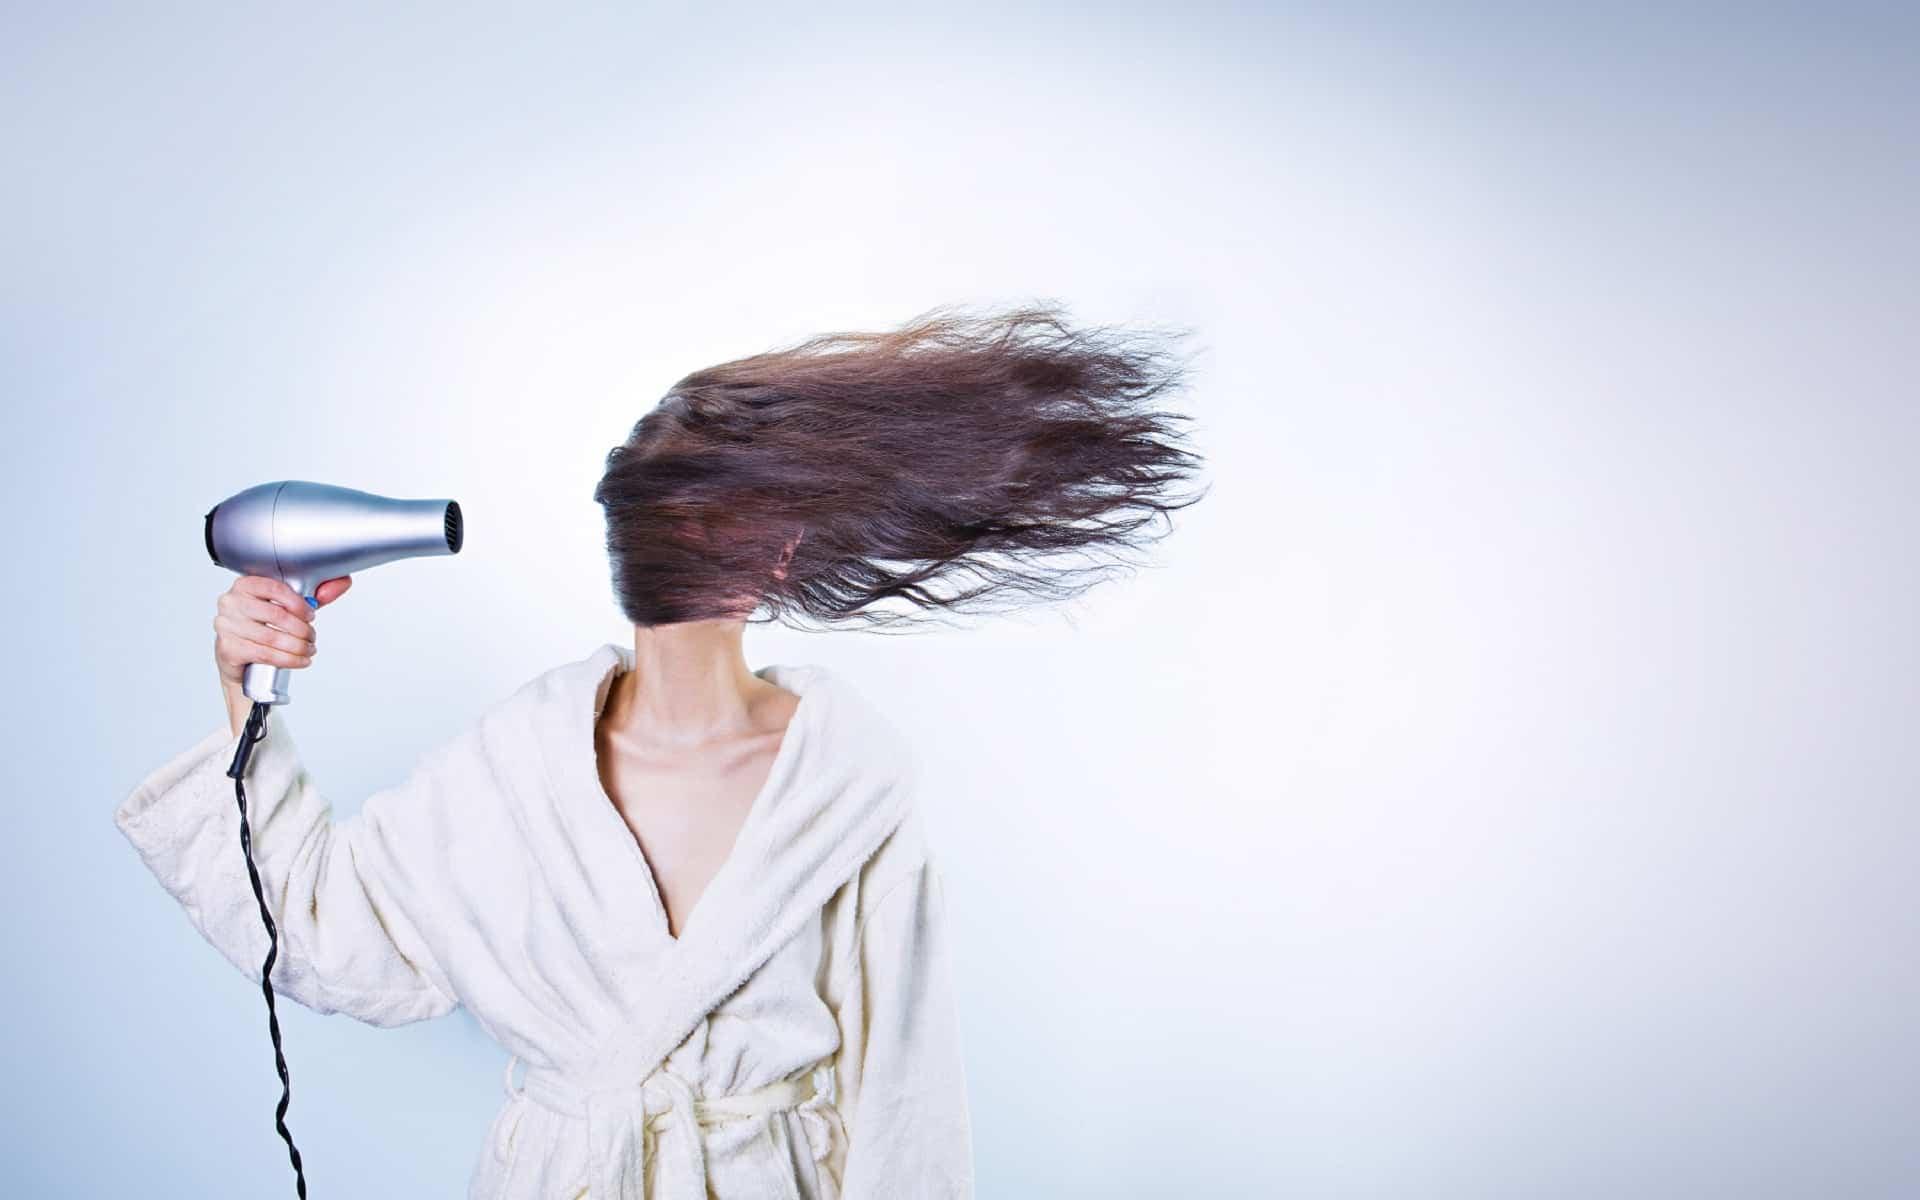 Consejos y tratamientos útiles para disminuir la caída del cabello 8